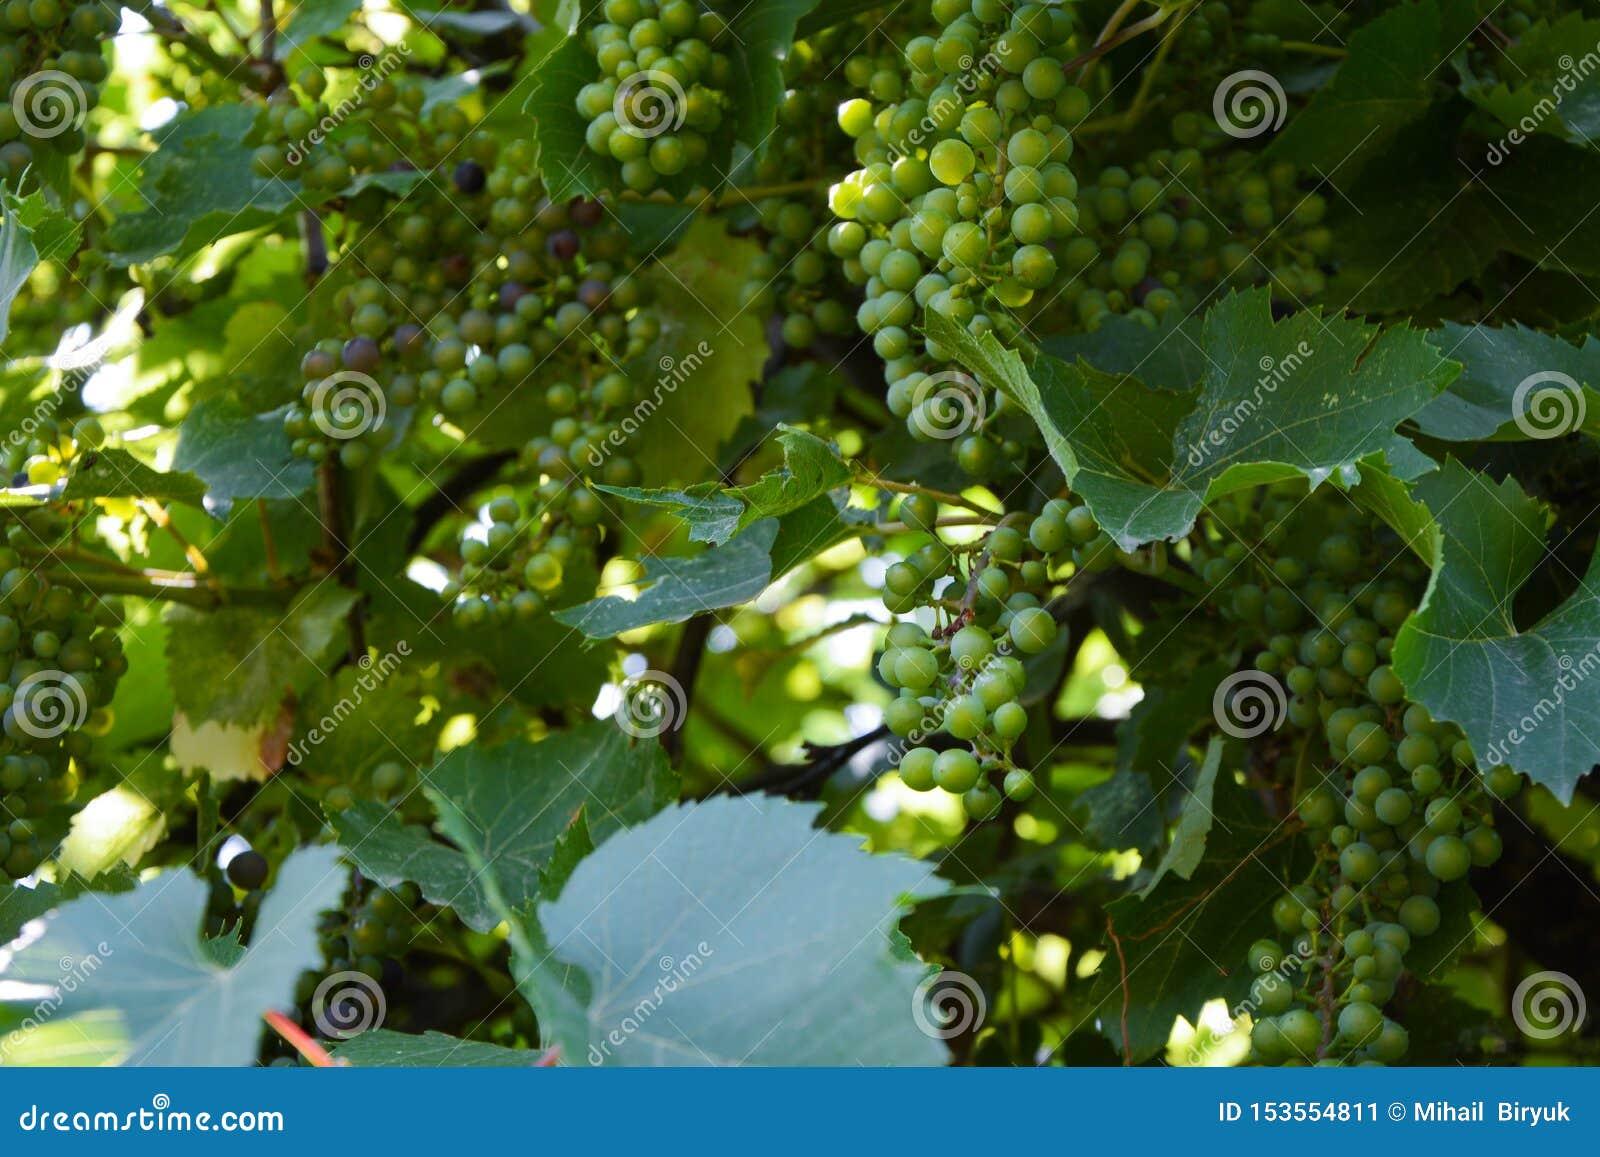 在晴朗,绿色背景的葡萄树在庭院里